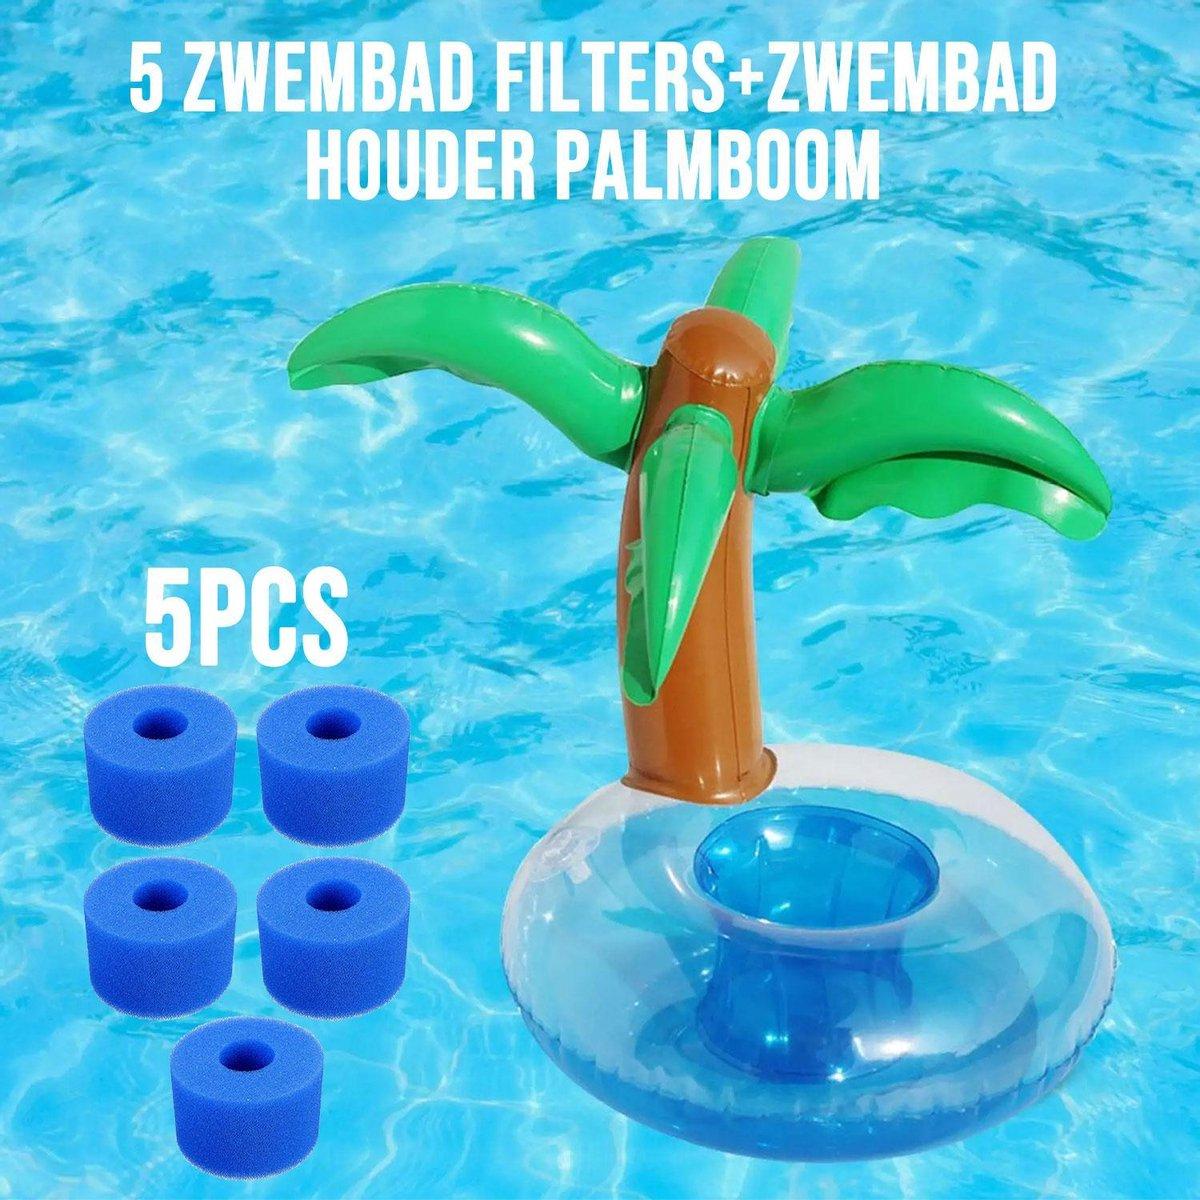 Zwembad Onderhoud - Zwembad Filter - Zwembad Filters -Filterpomp - Filter Jacuzzi - Zwembad Filter A - Filter Spa - + Zwembad houder palmboom